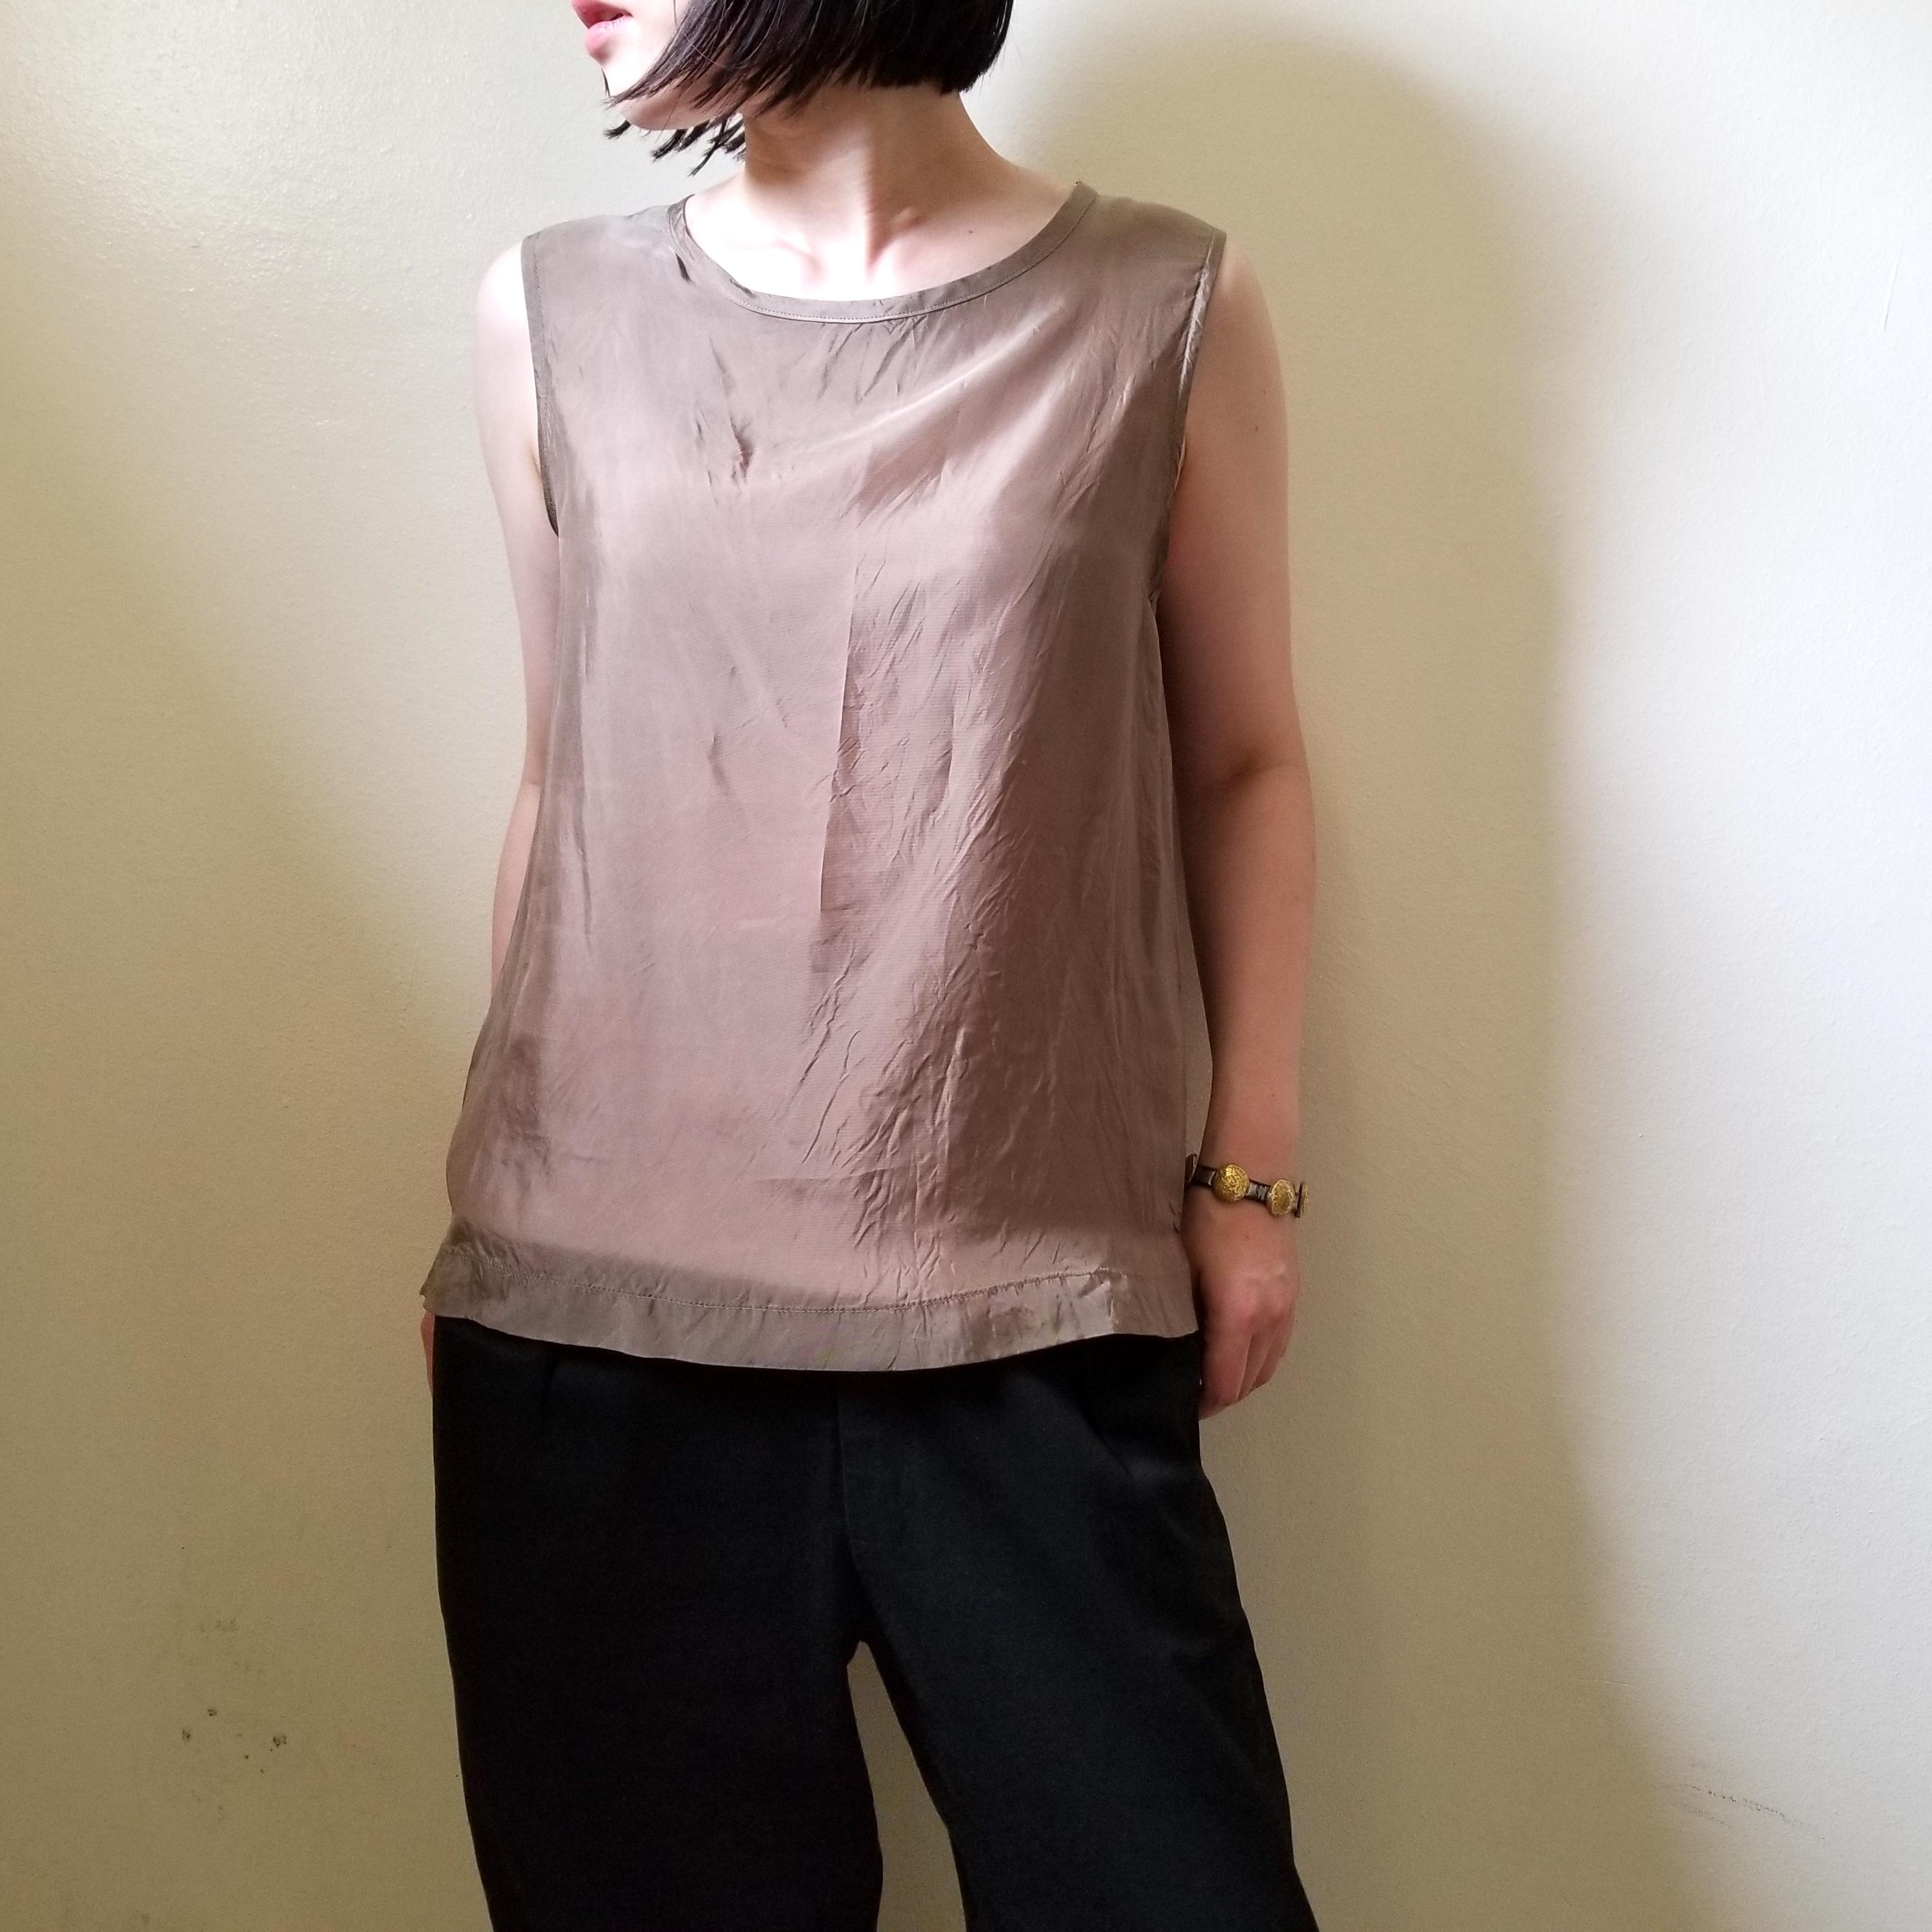 【hippiness】cupro tanktop (beige) /【ヒッピネス】キュプラ タンクトップ (ベージュ)